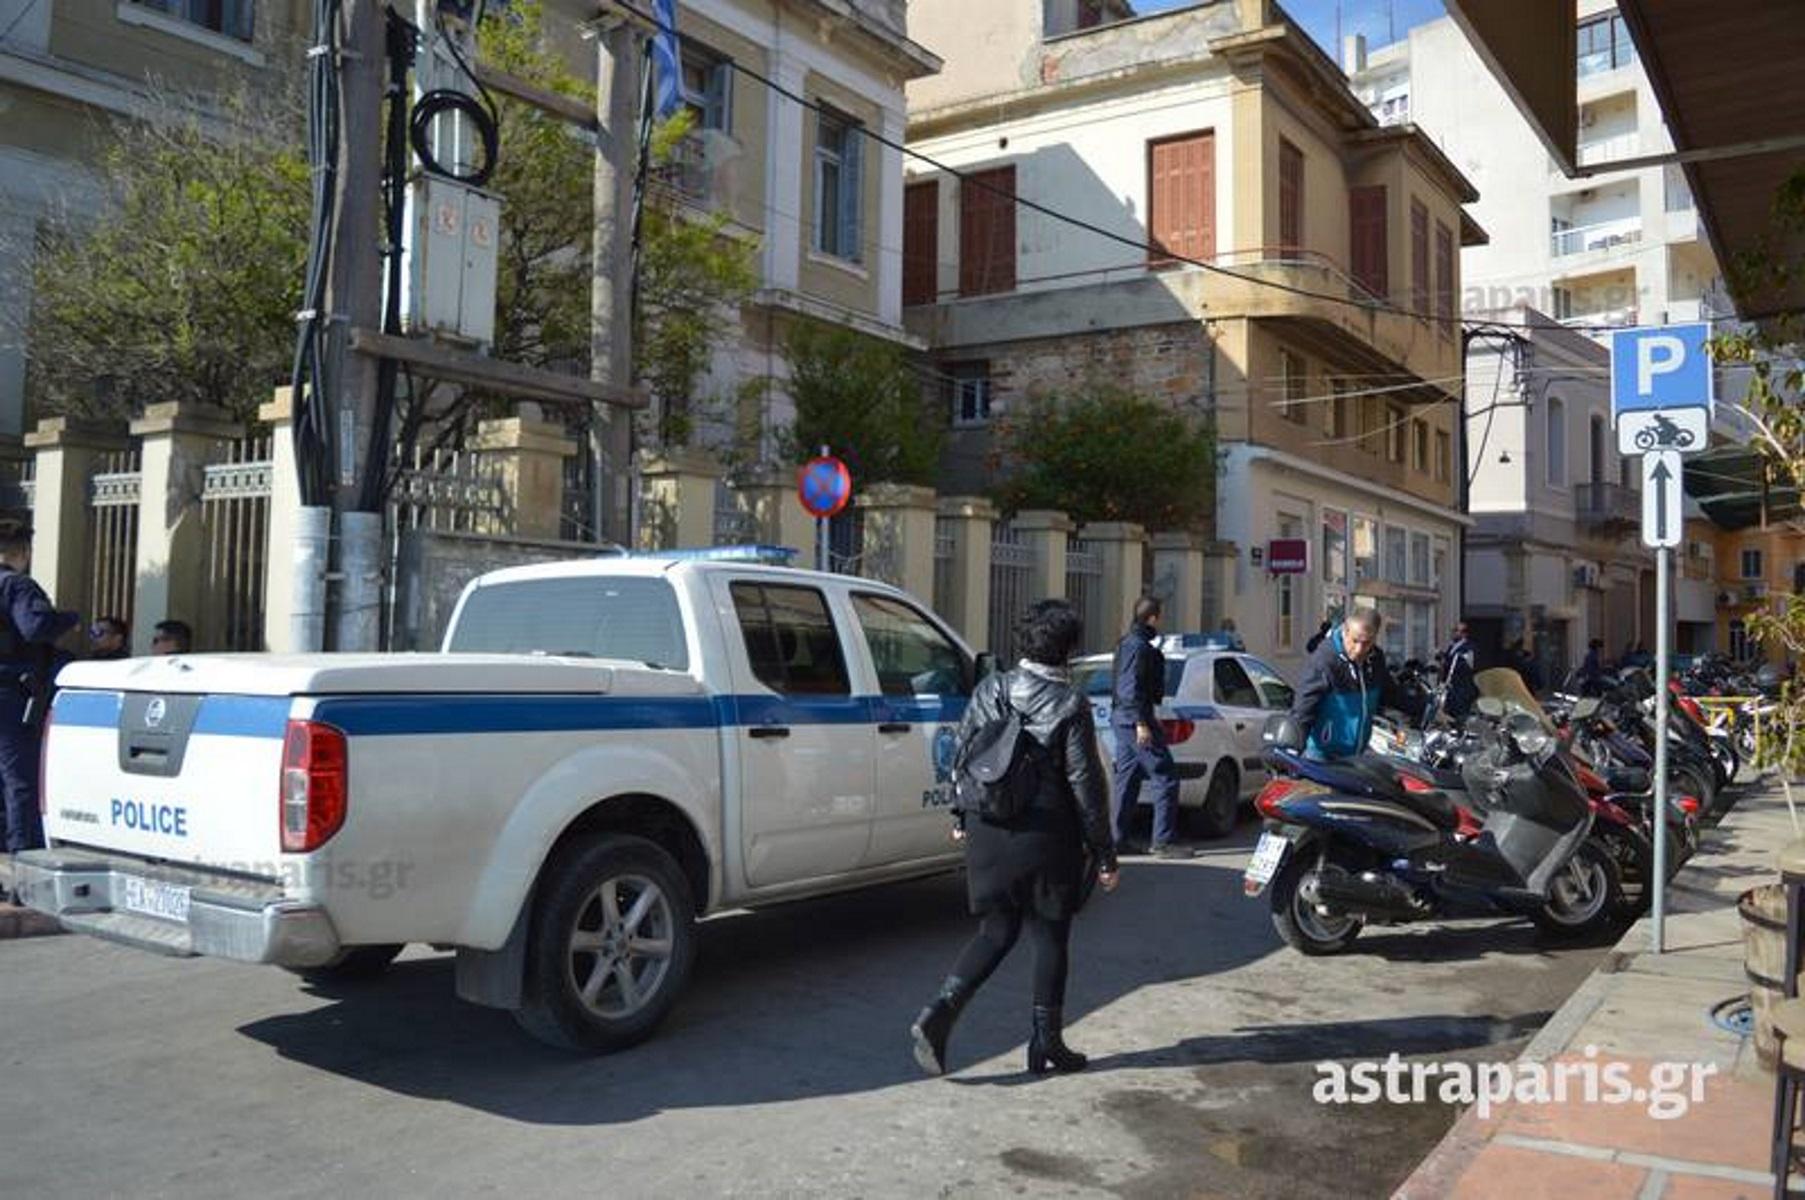 Ισόβια στον 25χρονο δολοφόνο της Ερατούς στην Χρυσομαλλούσα Μυτιλήνης - Ένταση έξω από τα δικαστήρια